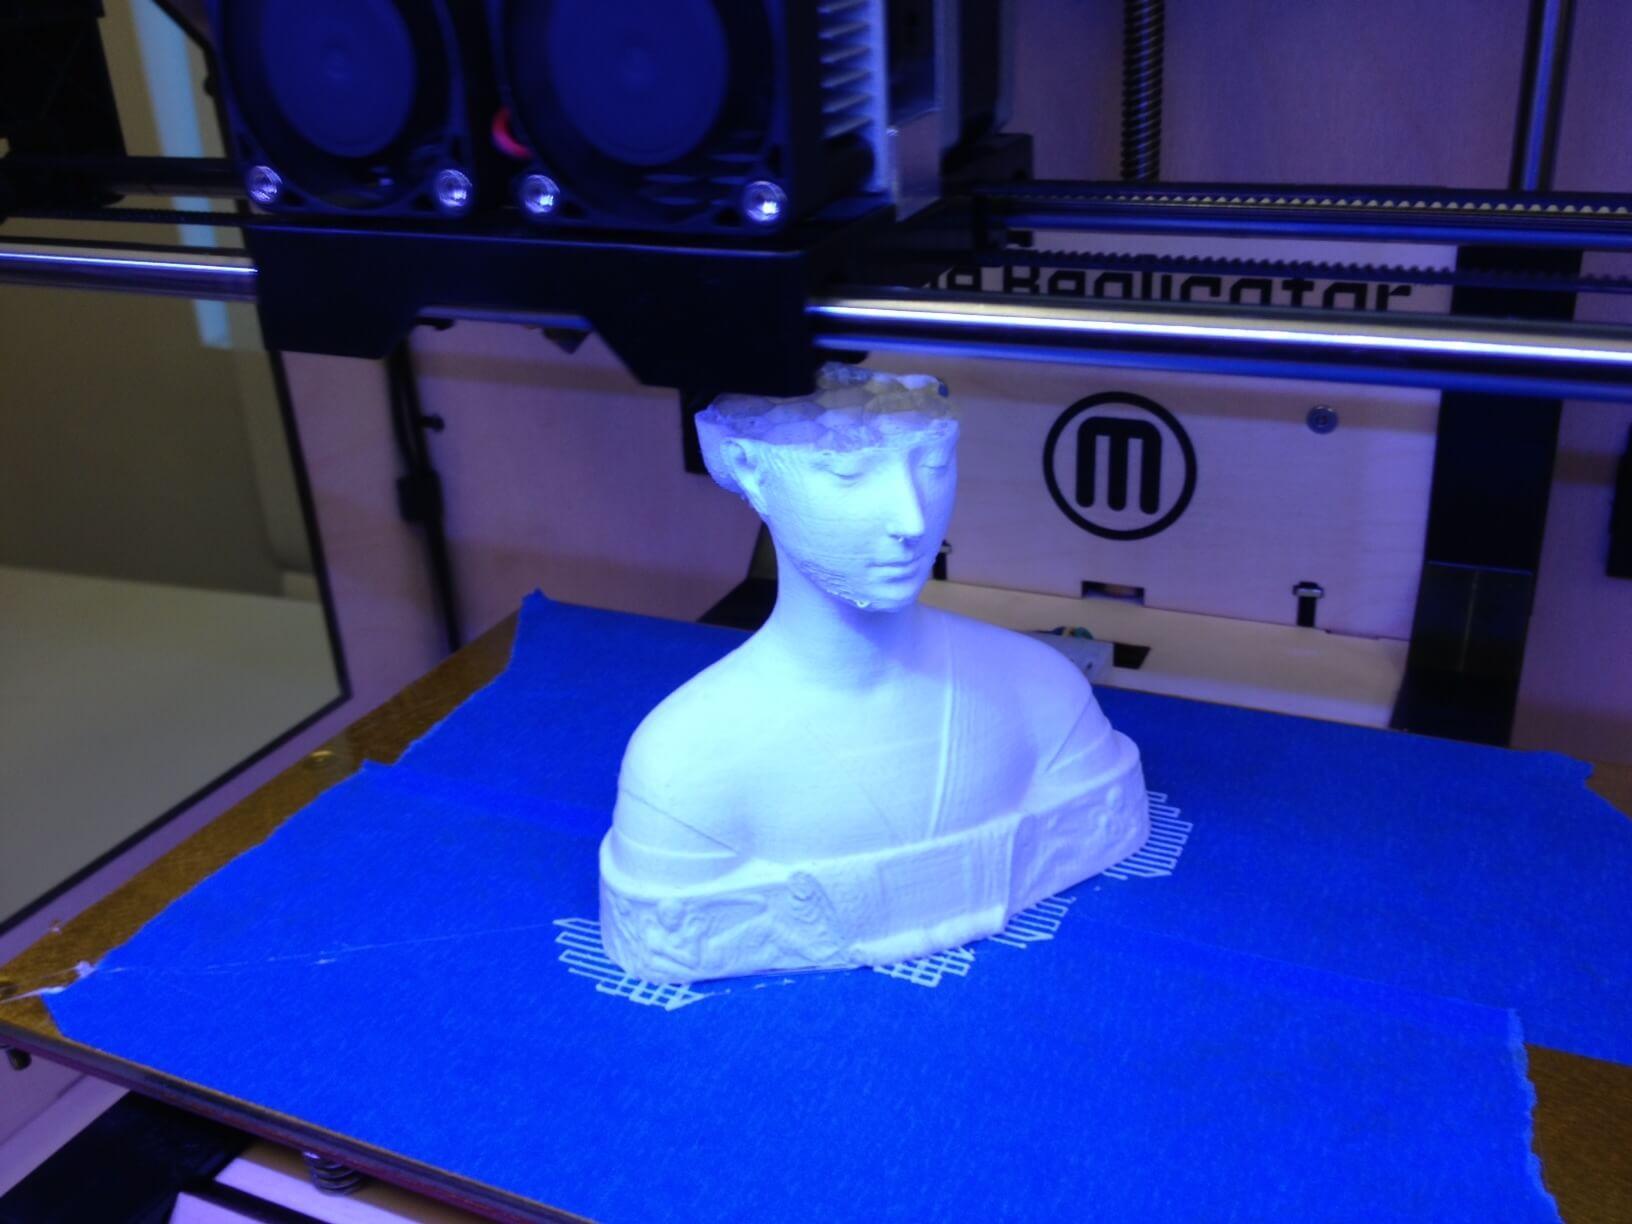 Типичные проблемы 3D-печати и способы их решения